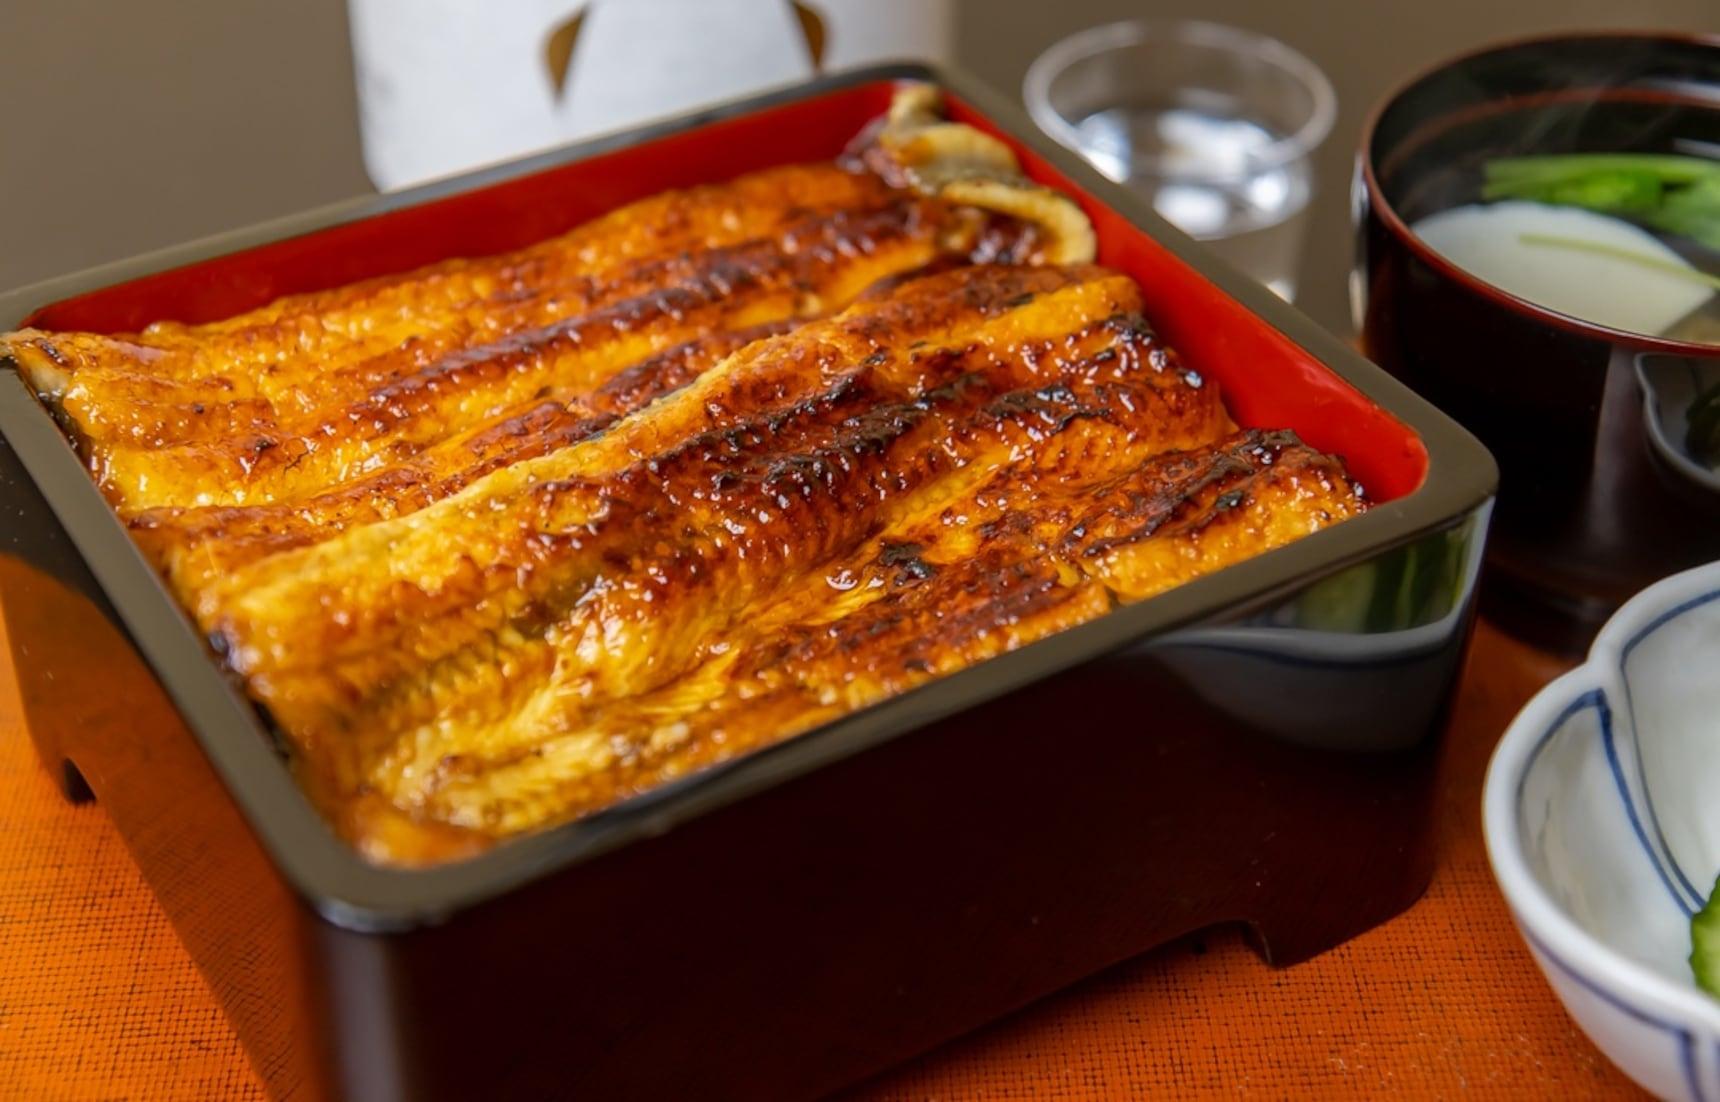 【深度日本】江戶四大美食「鰻魚篇」與東京必吃鰻魚飯推薦